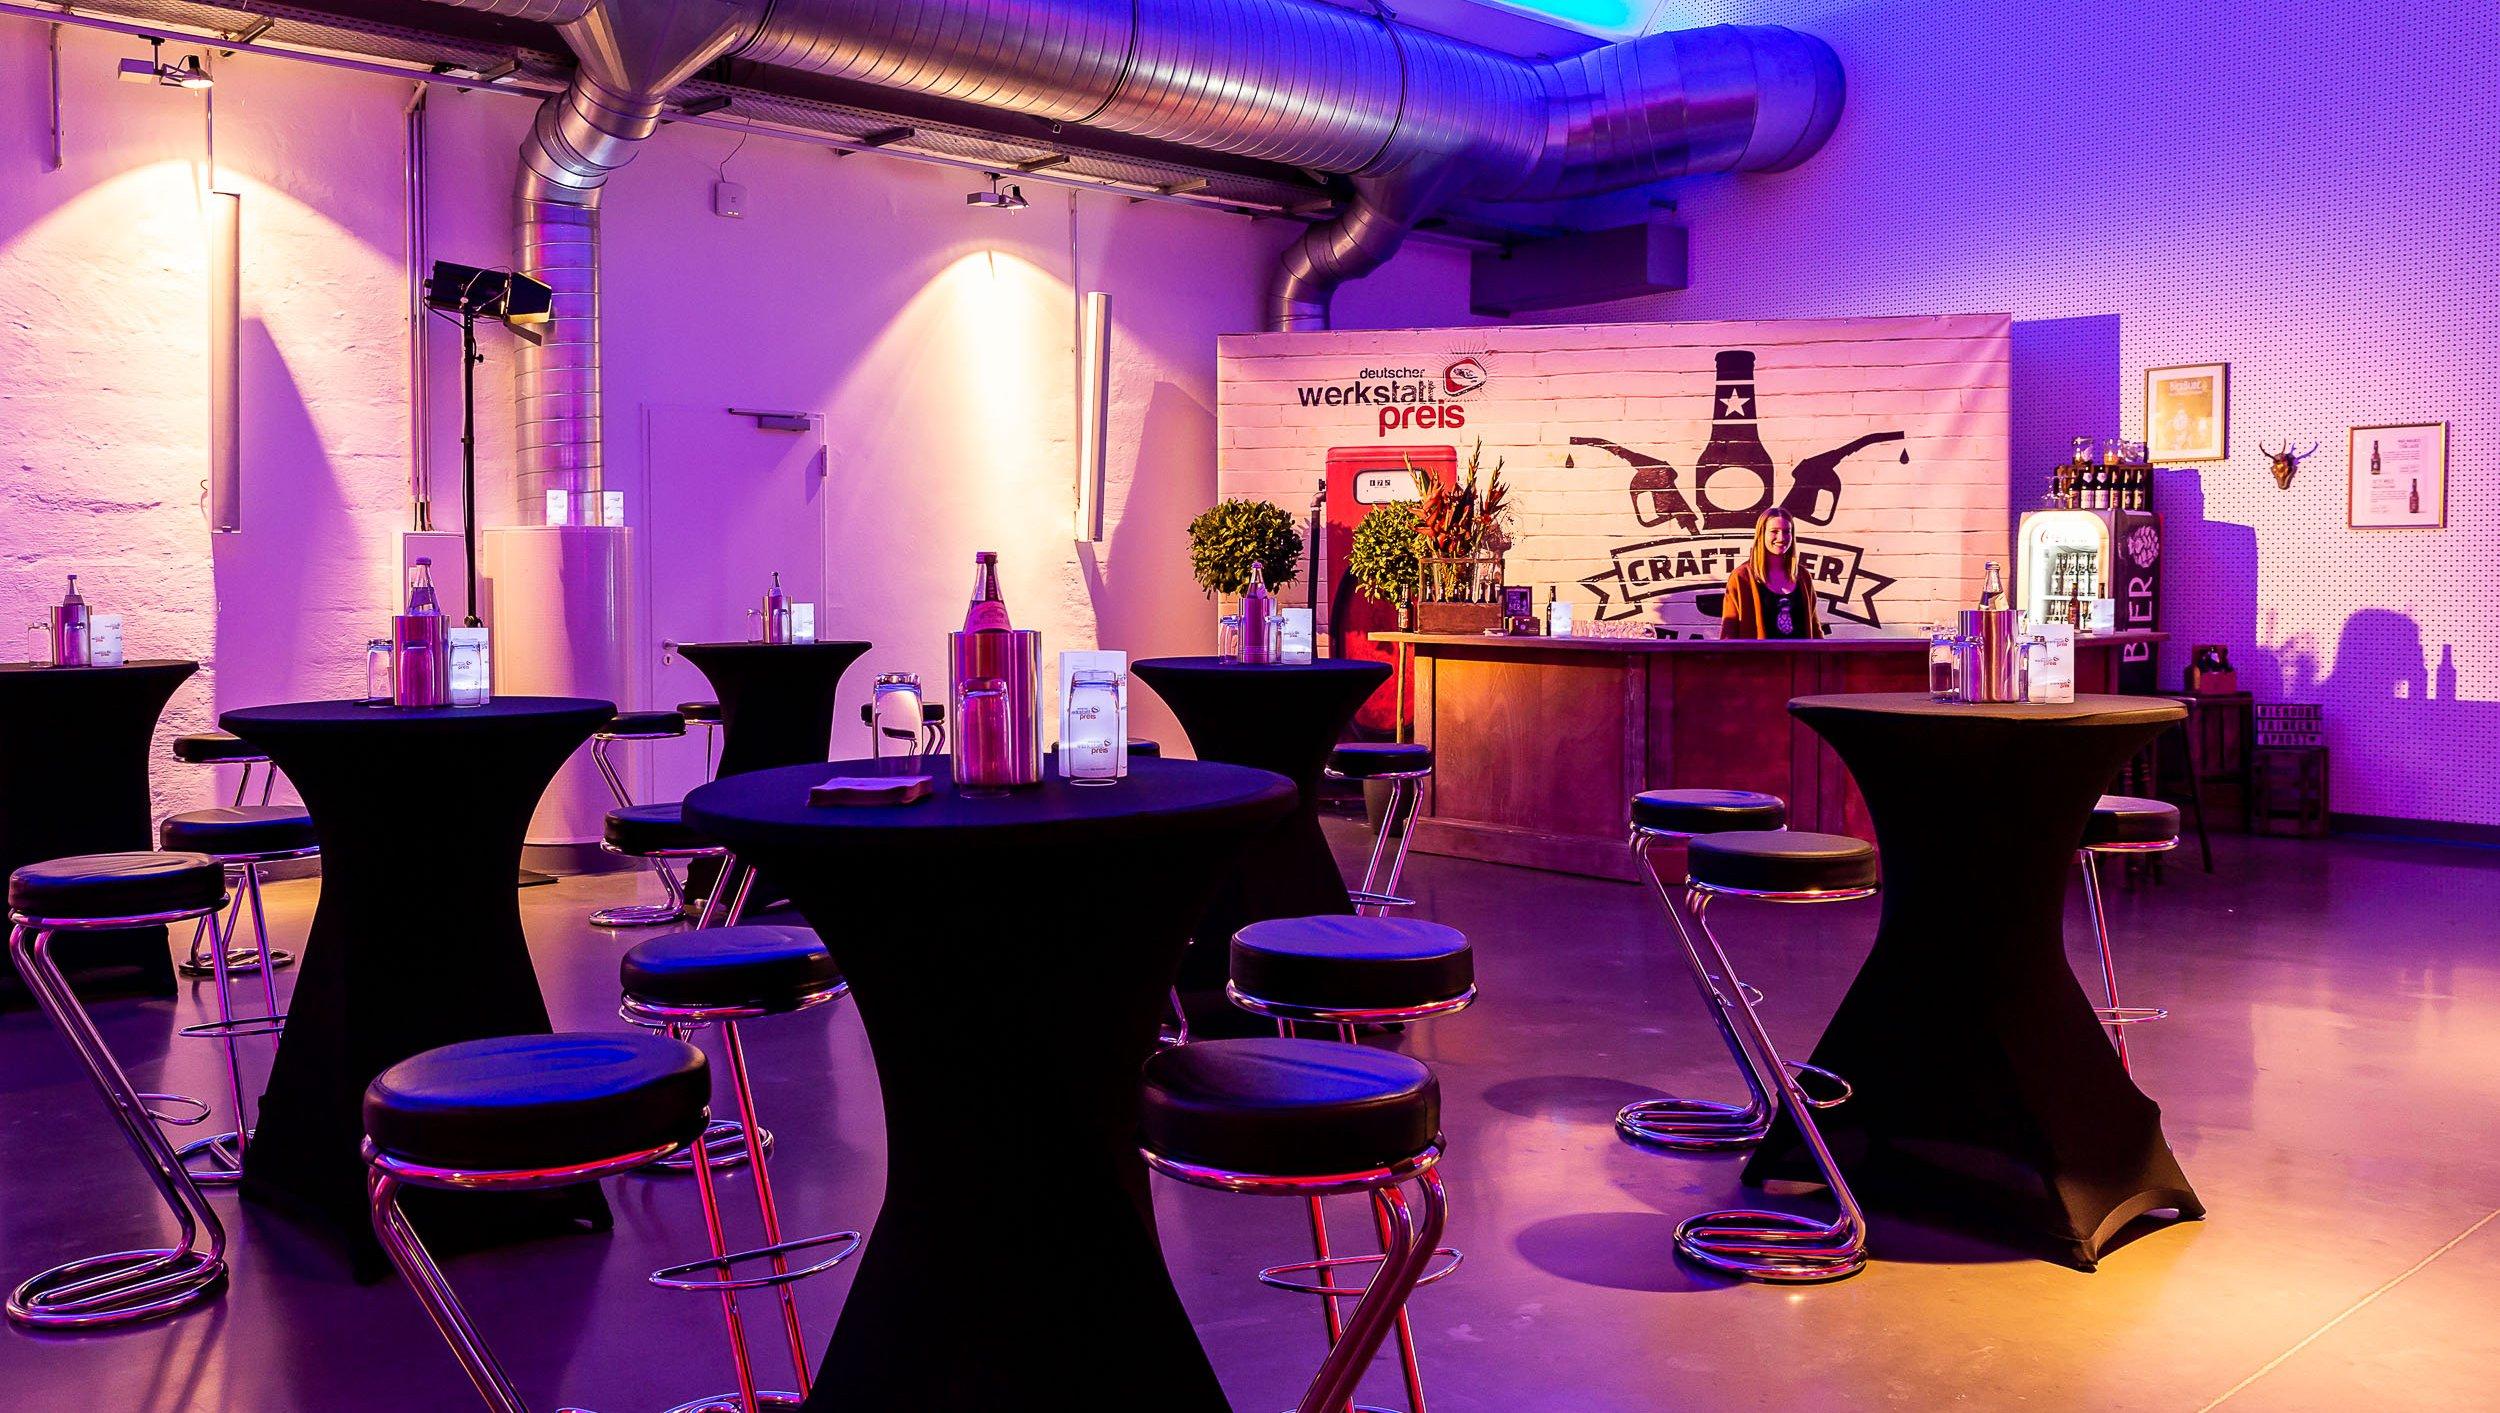 Bar mit Stehtischen in der Shedhalle